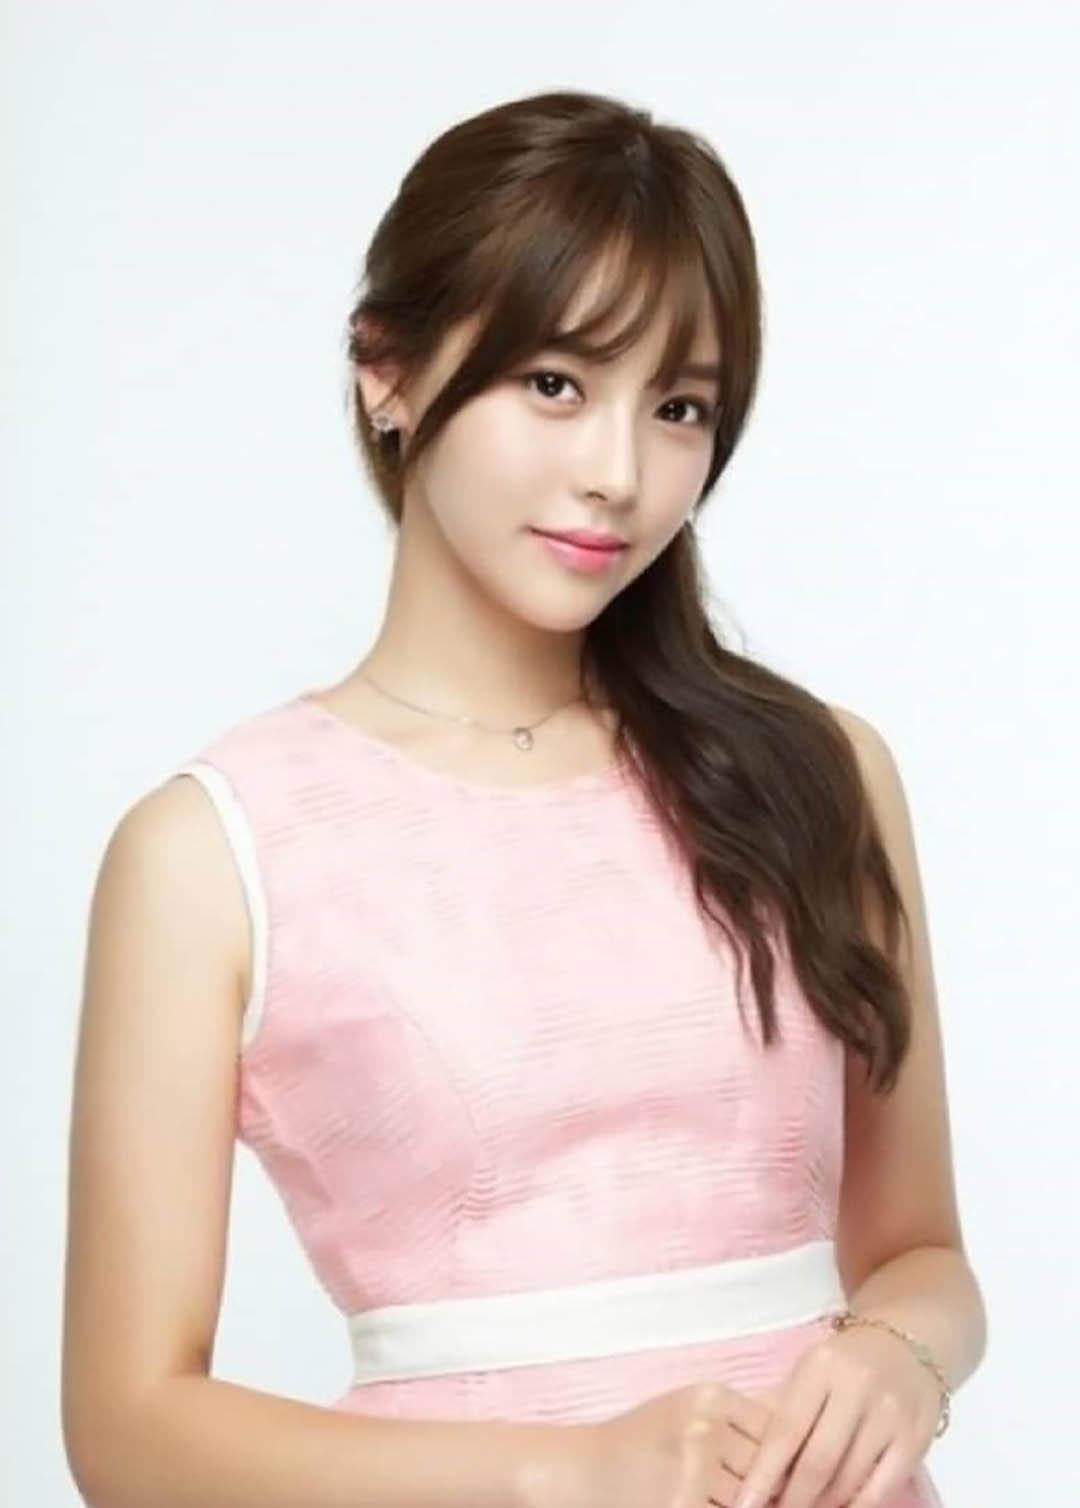 韩国美女模特,甜美清秀,乖巧可人,女神精选合辑一37张